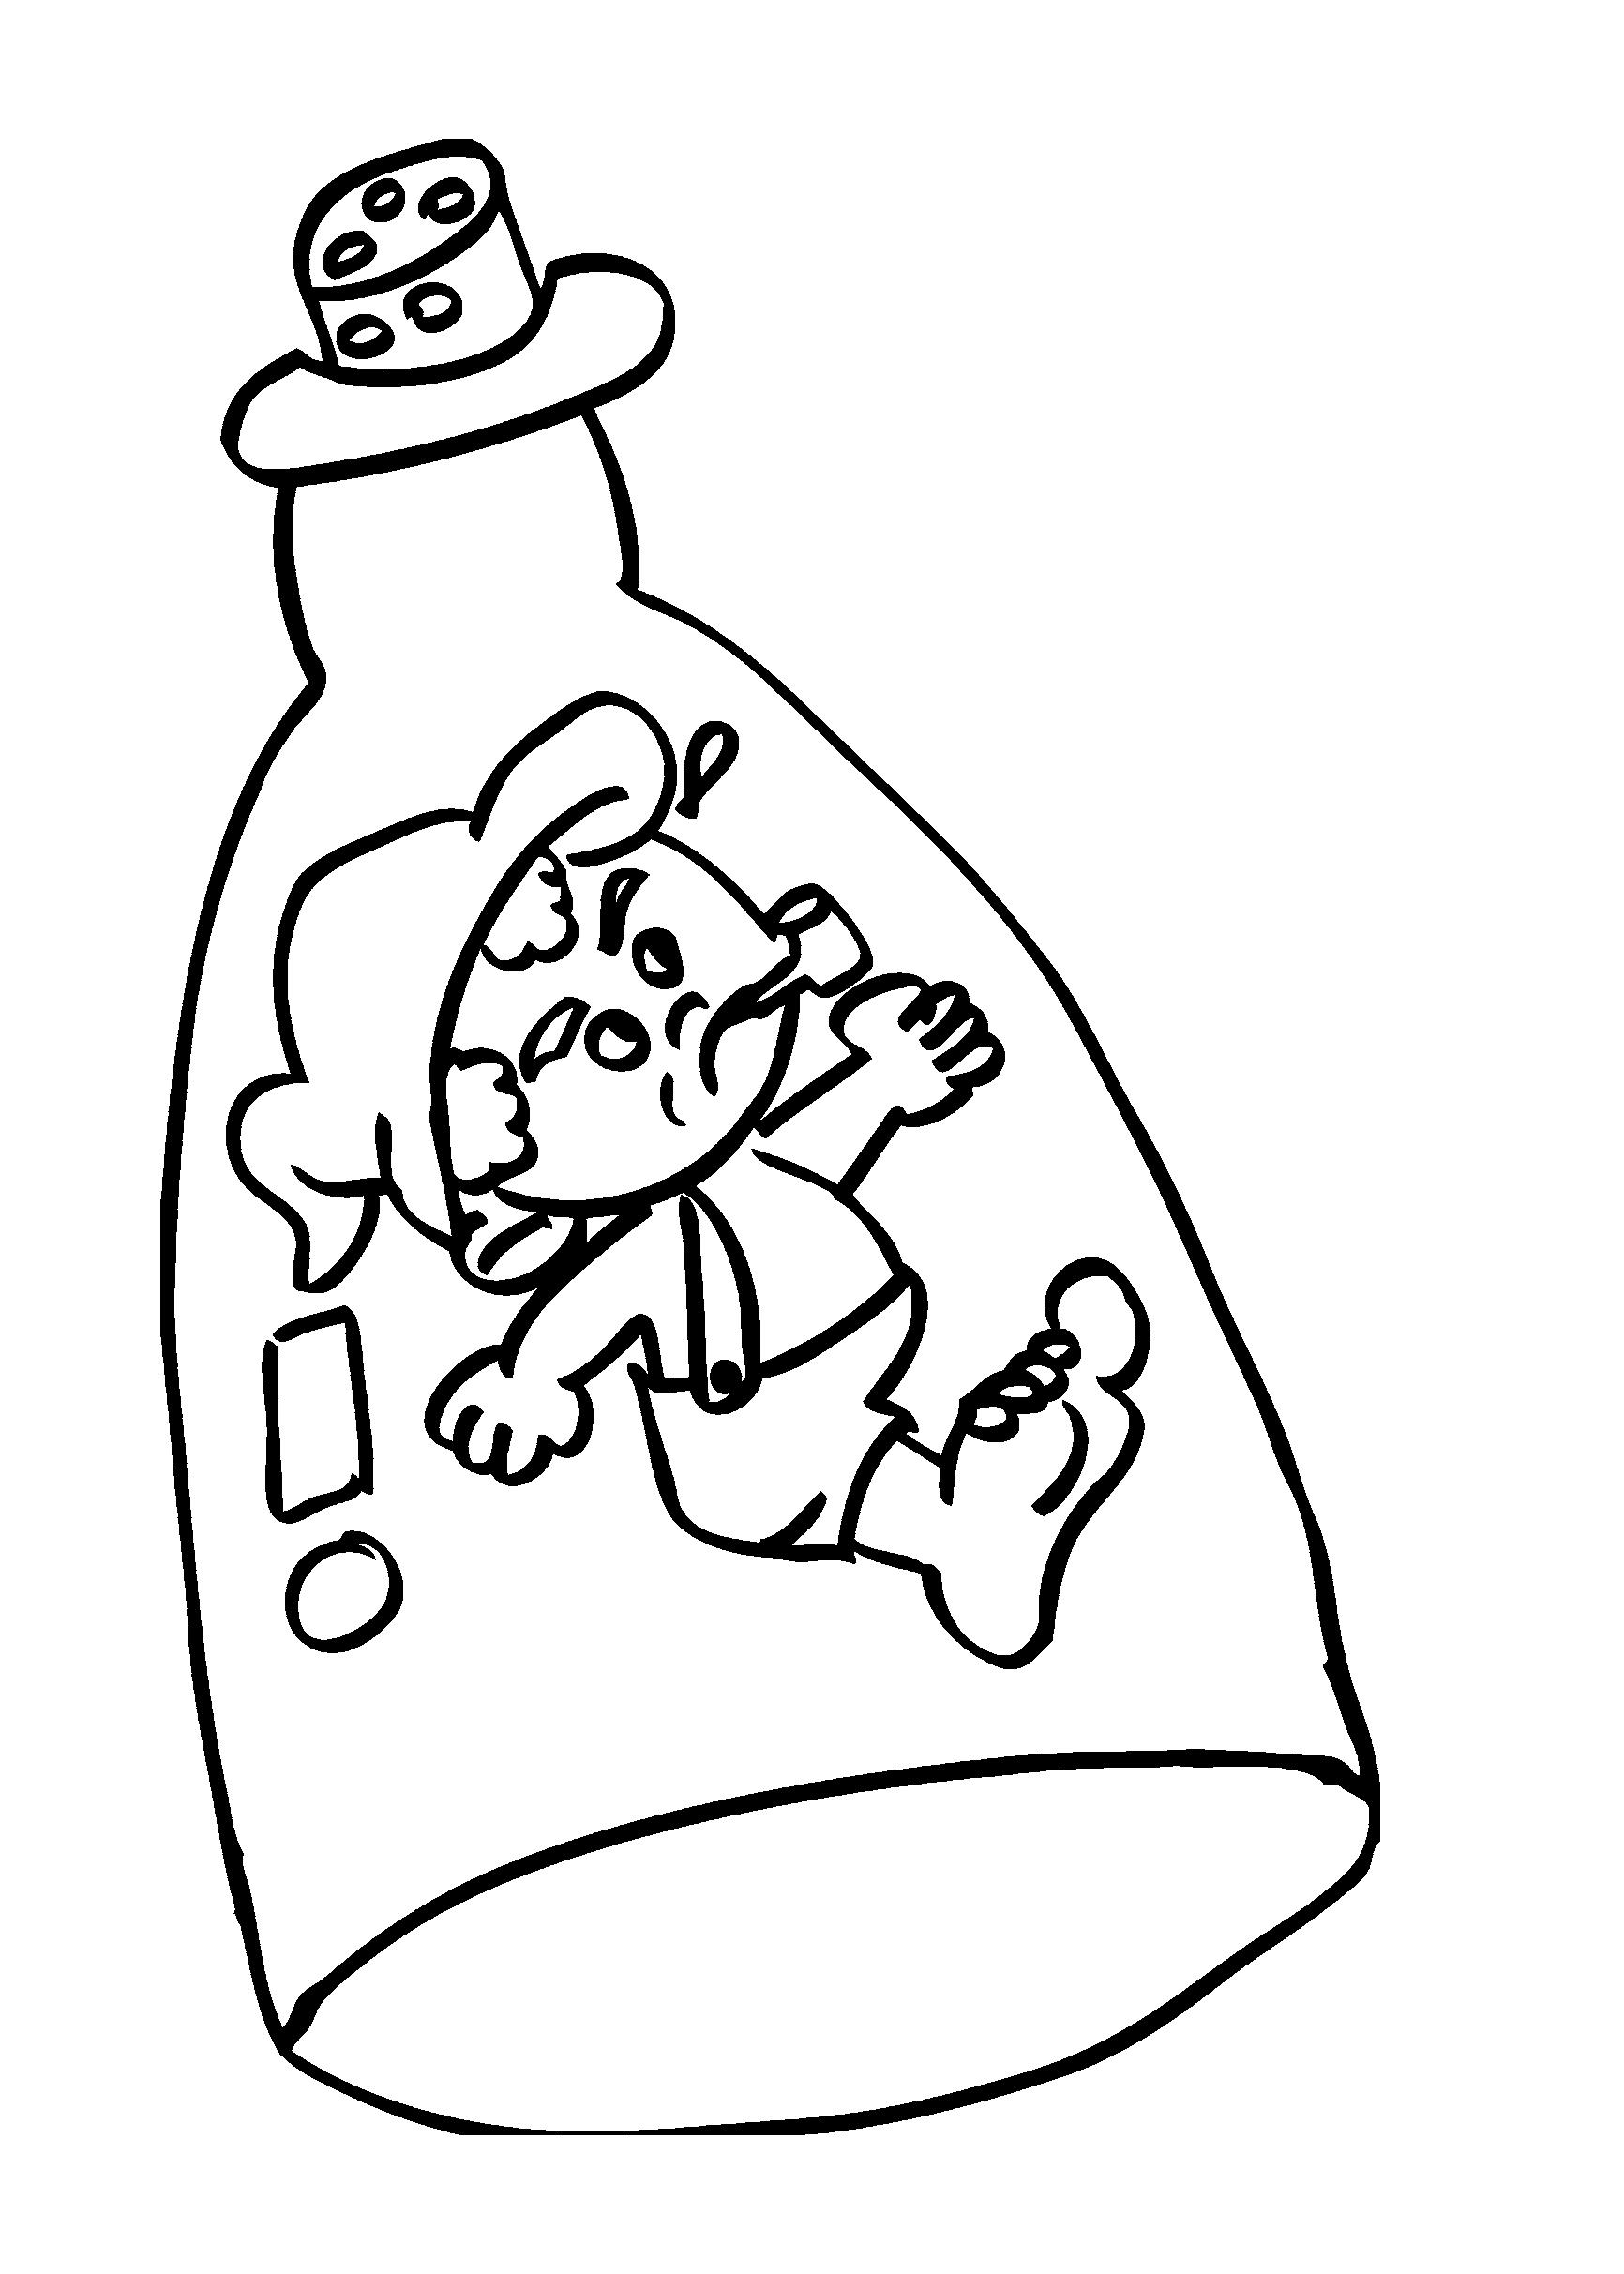 0245-desenhos-folclore-saci-garrafa